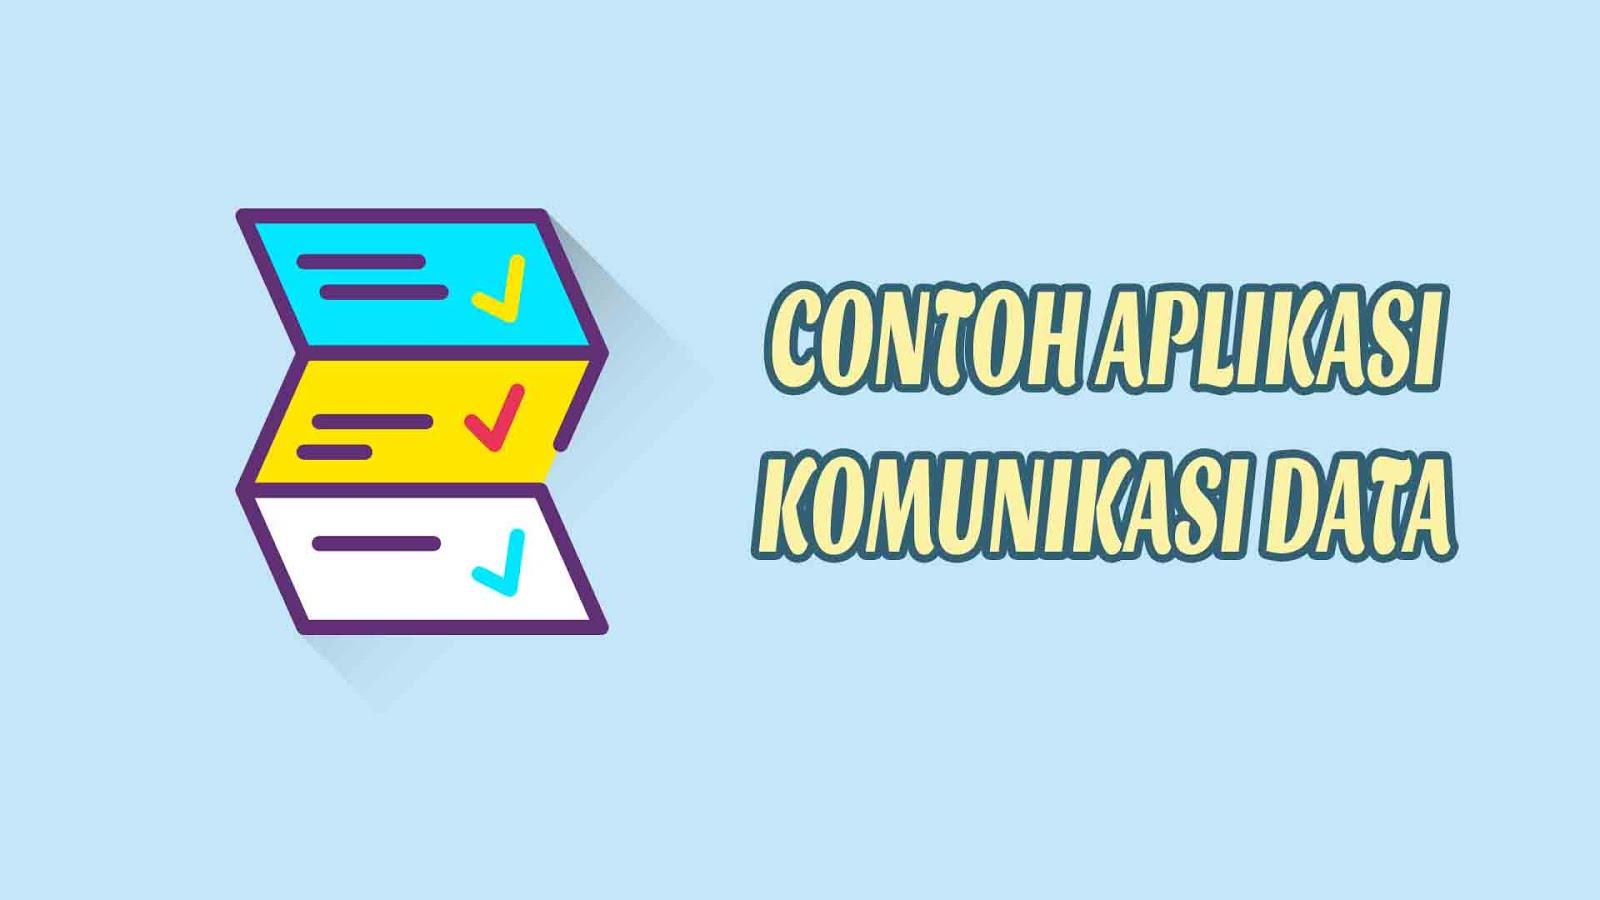 Contoh-aplikasi-komunikasi-data